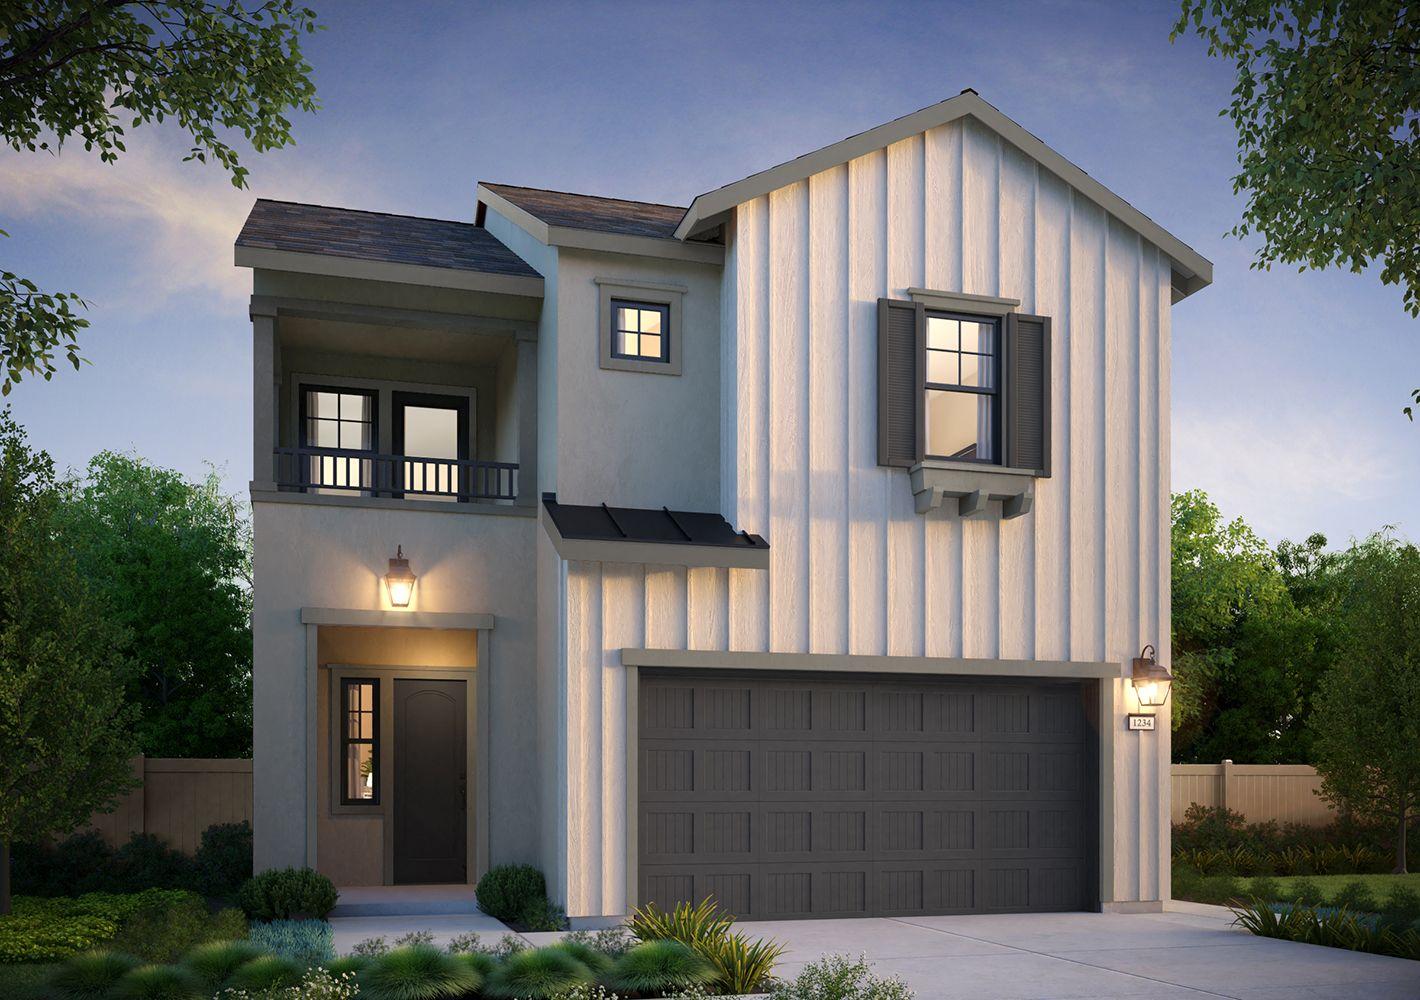 单亲家庭 为 销售 在 Sterling At Esencia - Plan 3 113 Topaz Street Rancho Mission Viejo, California 92694 United States